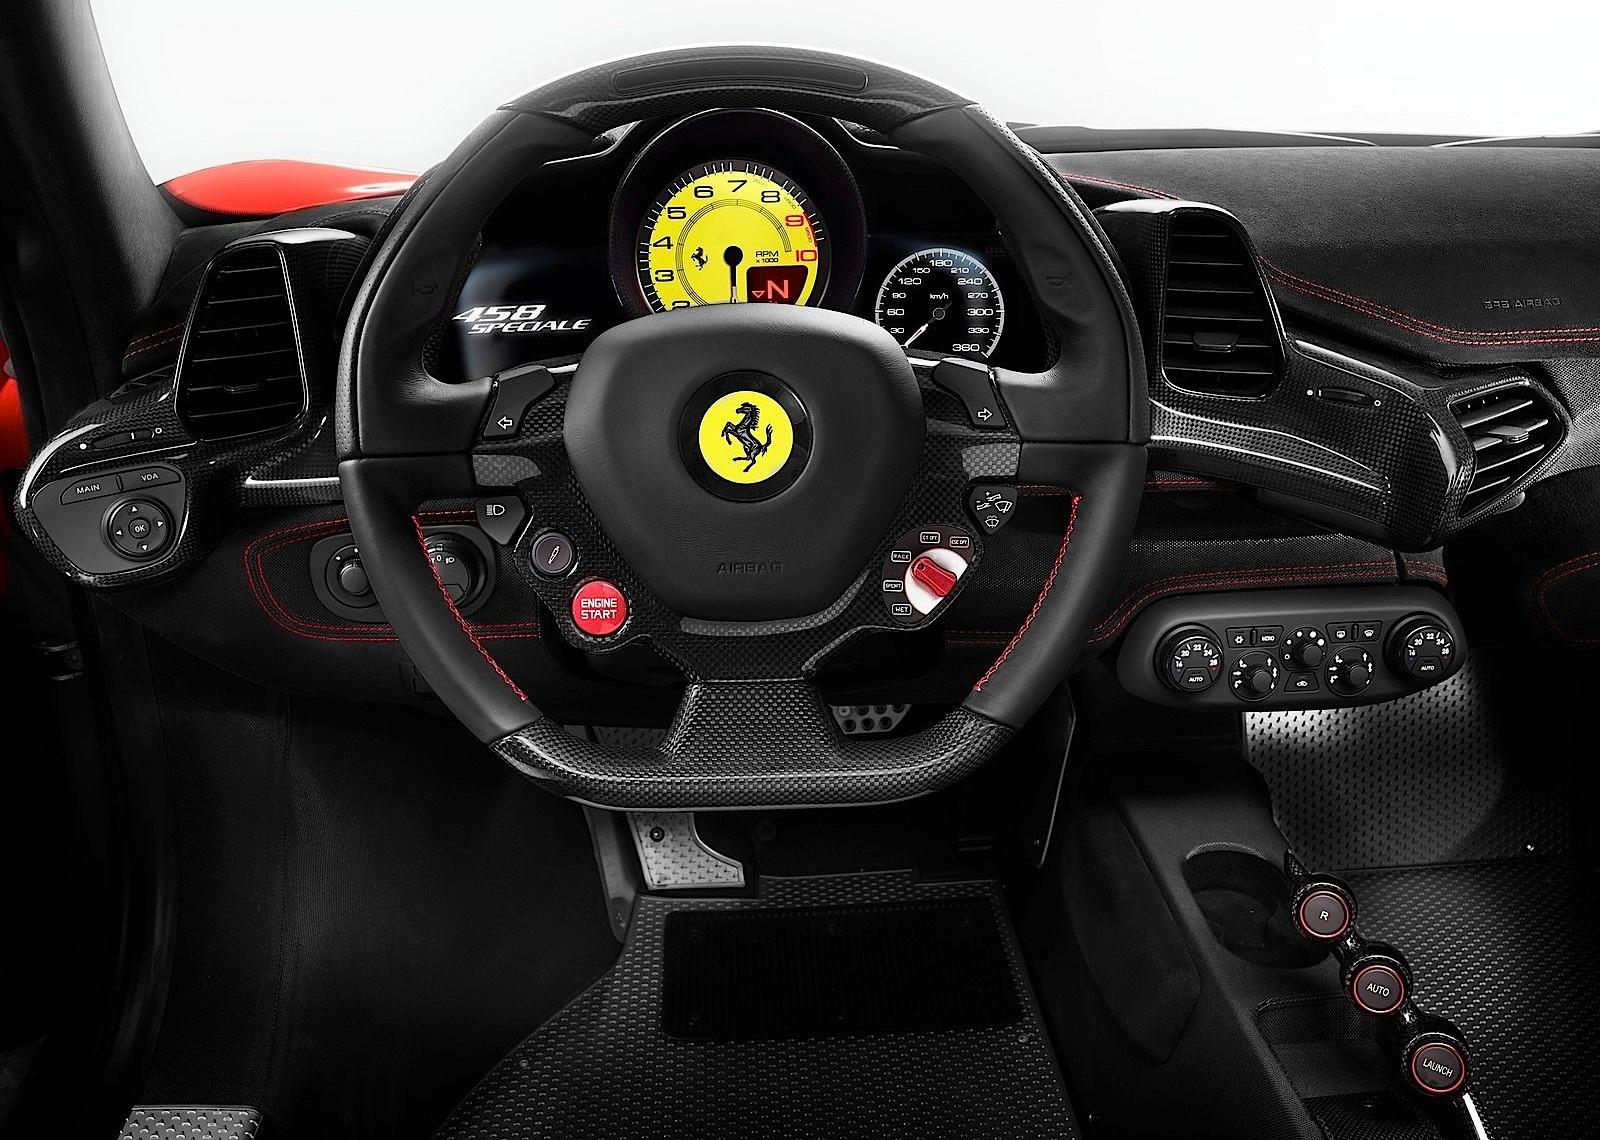 Ferrari 458 speciale specs 2013 2014 2015 autoevolution ferrari 458 speciale 2013 2015 vanachro Choice Image